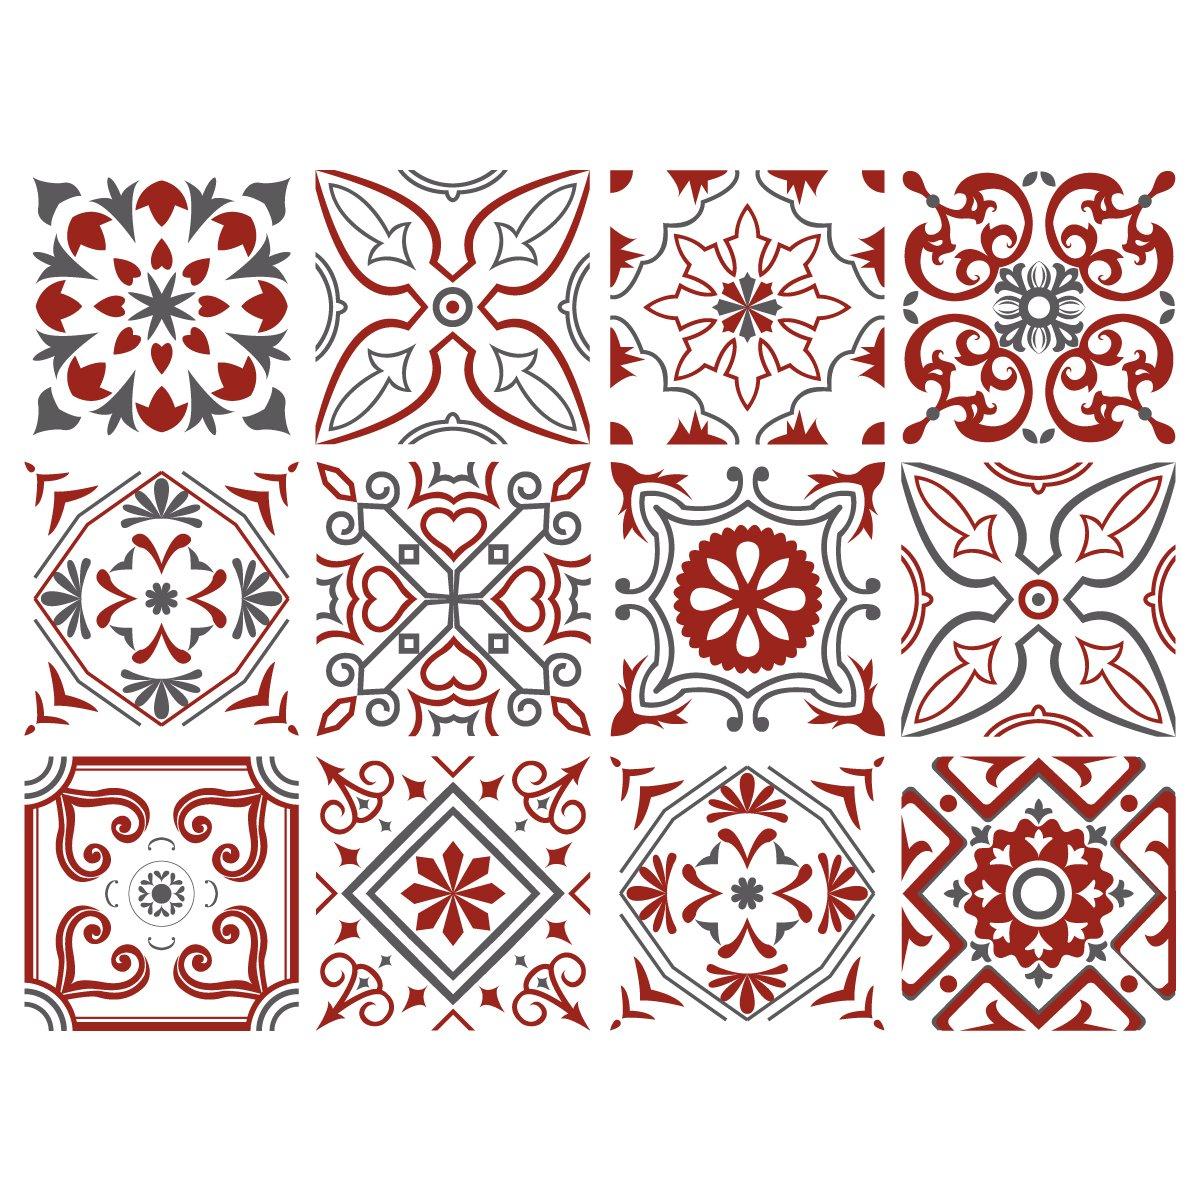 Adhésif carrelage - Sticker carreaux de ciment - Autocollant - Décoration - Bisknight (Rouge, Gris, Blanc) - 12 pièces (10 x 10 cm) Adzif.biz